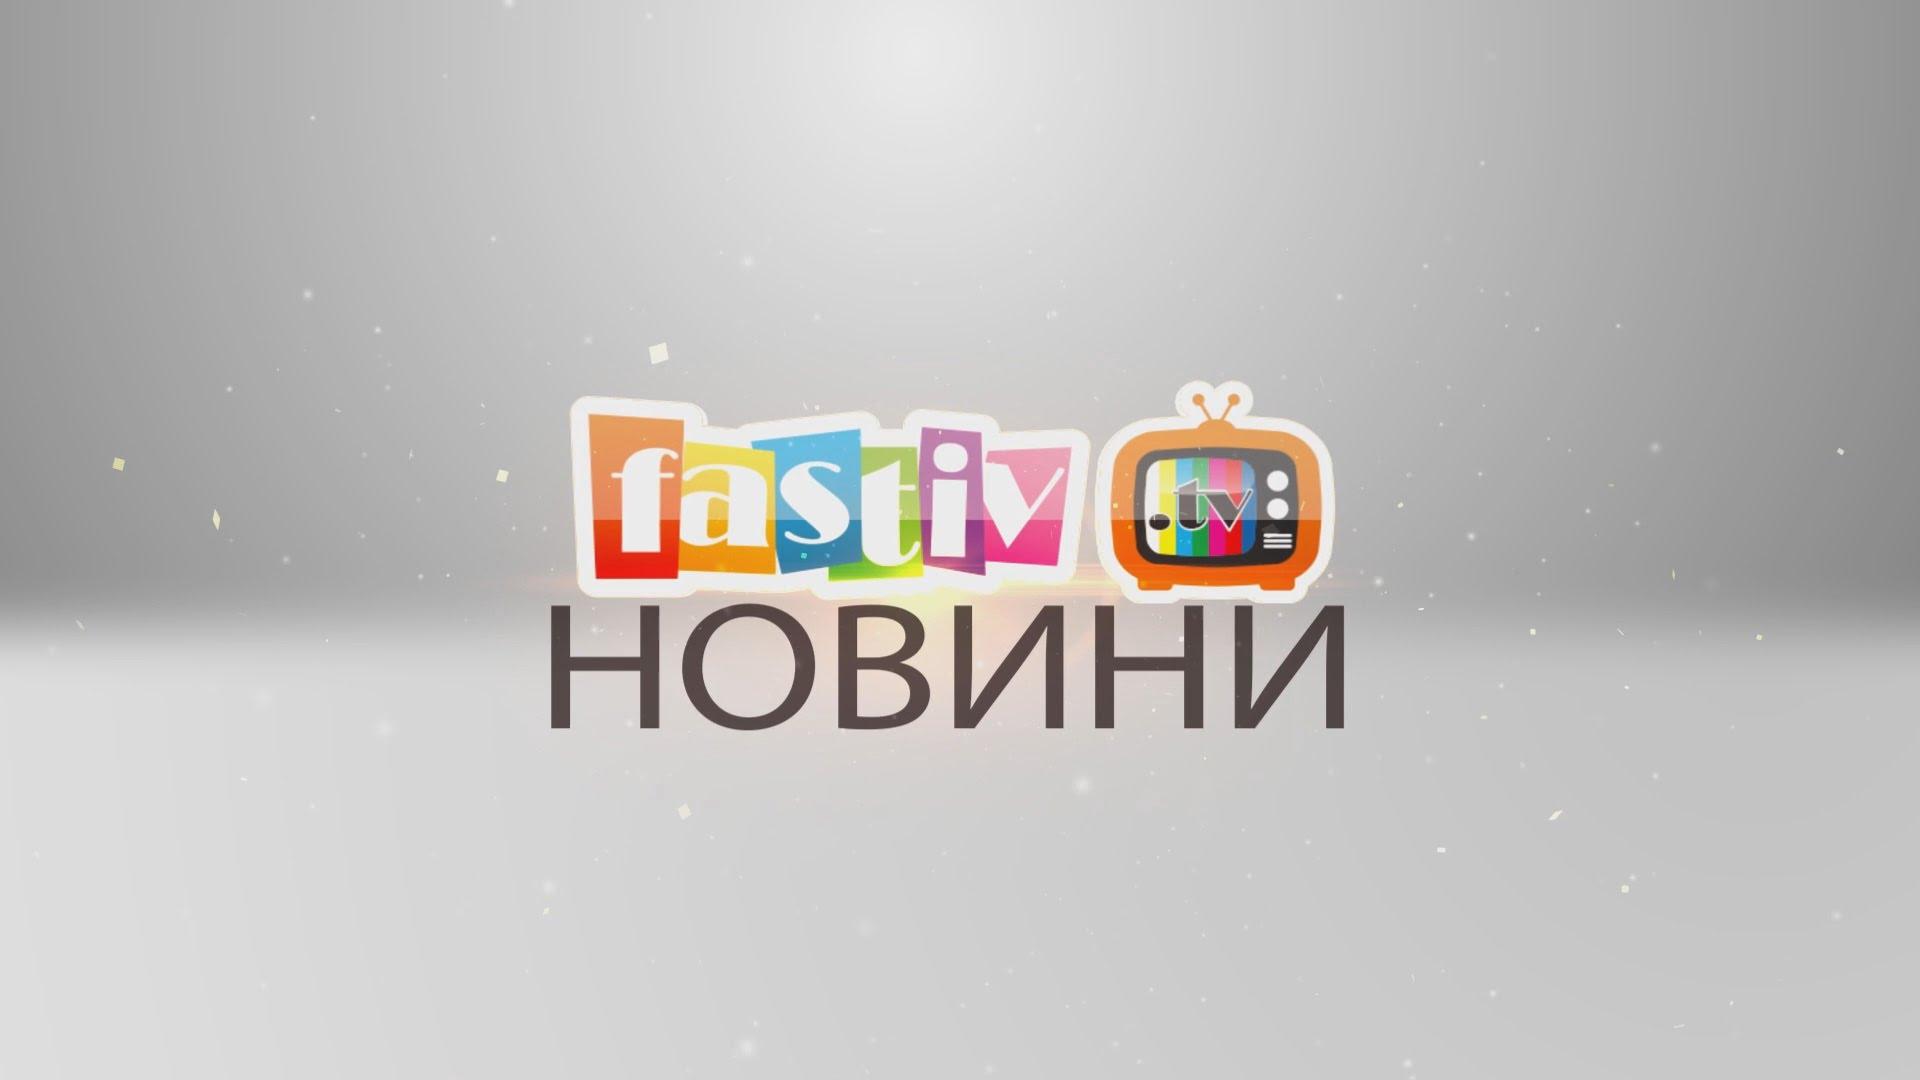 Тижневі підсумки новин від FASTIV.TV 22.05.2016